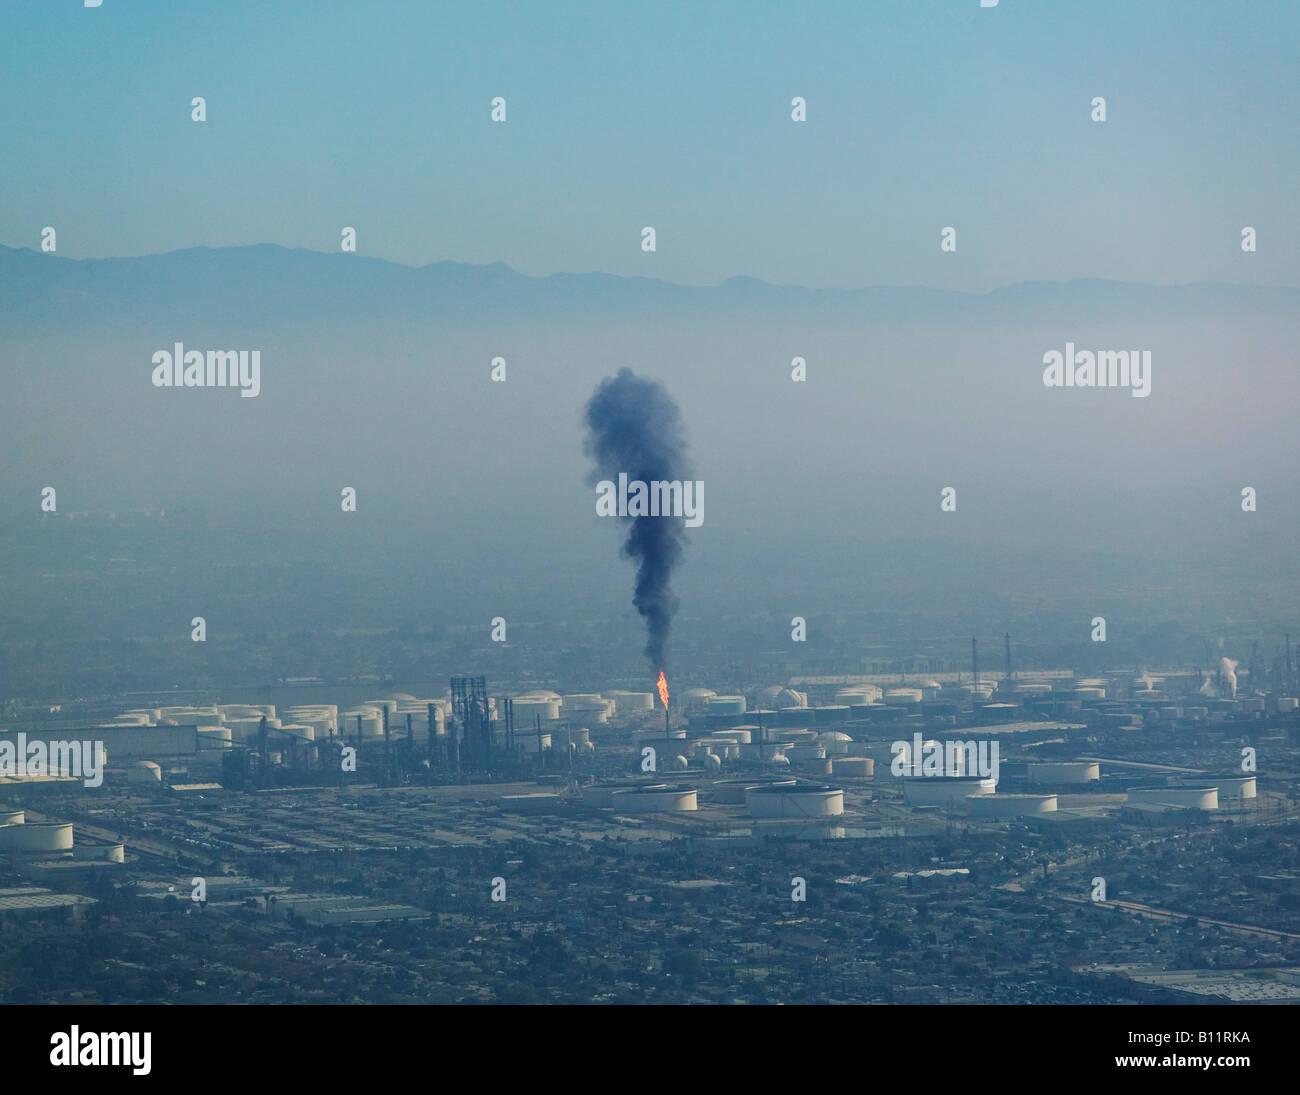 Uno strato di inquinamento atmosferico pende su Los Angeles come una lunga spiaggia raffineria rilascia particelle Immagini Stock